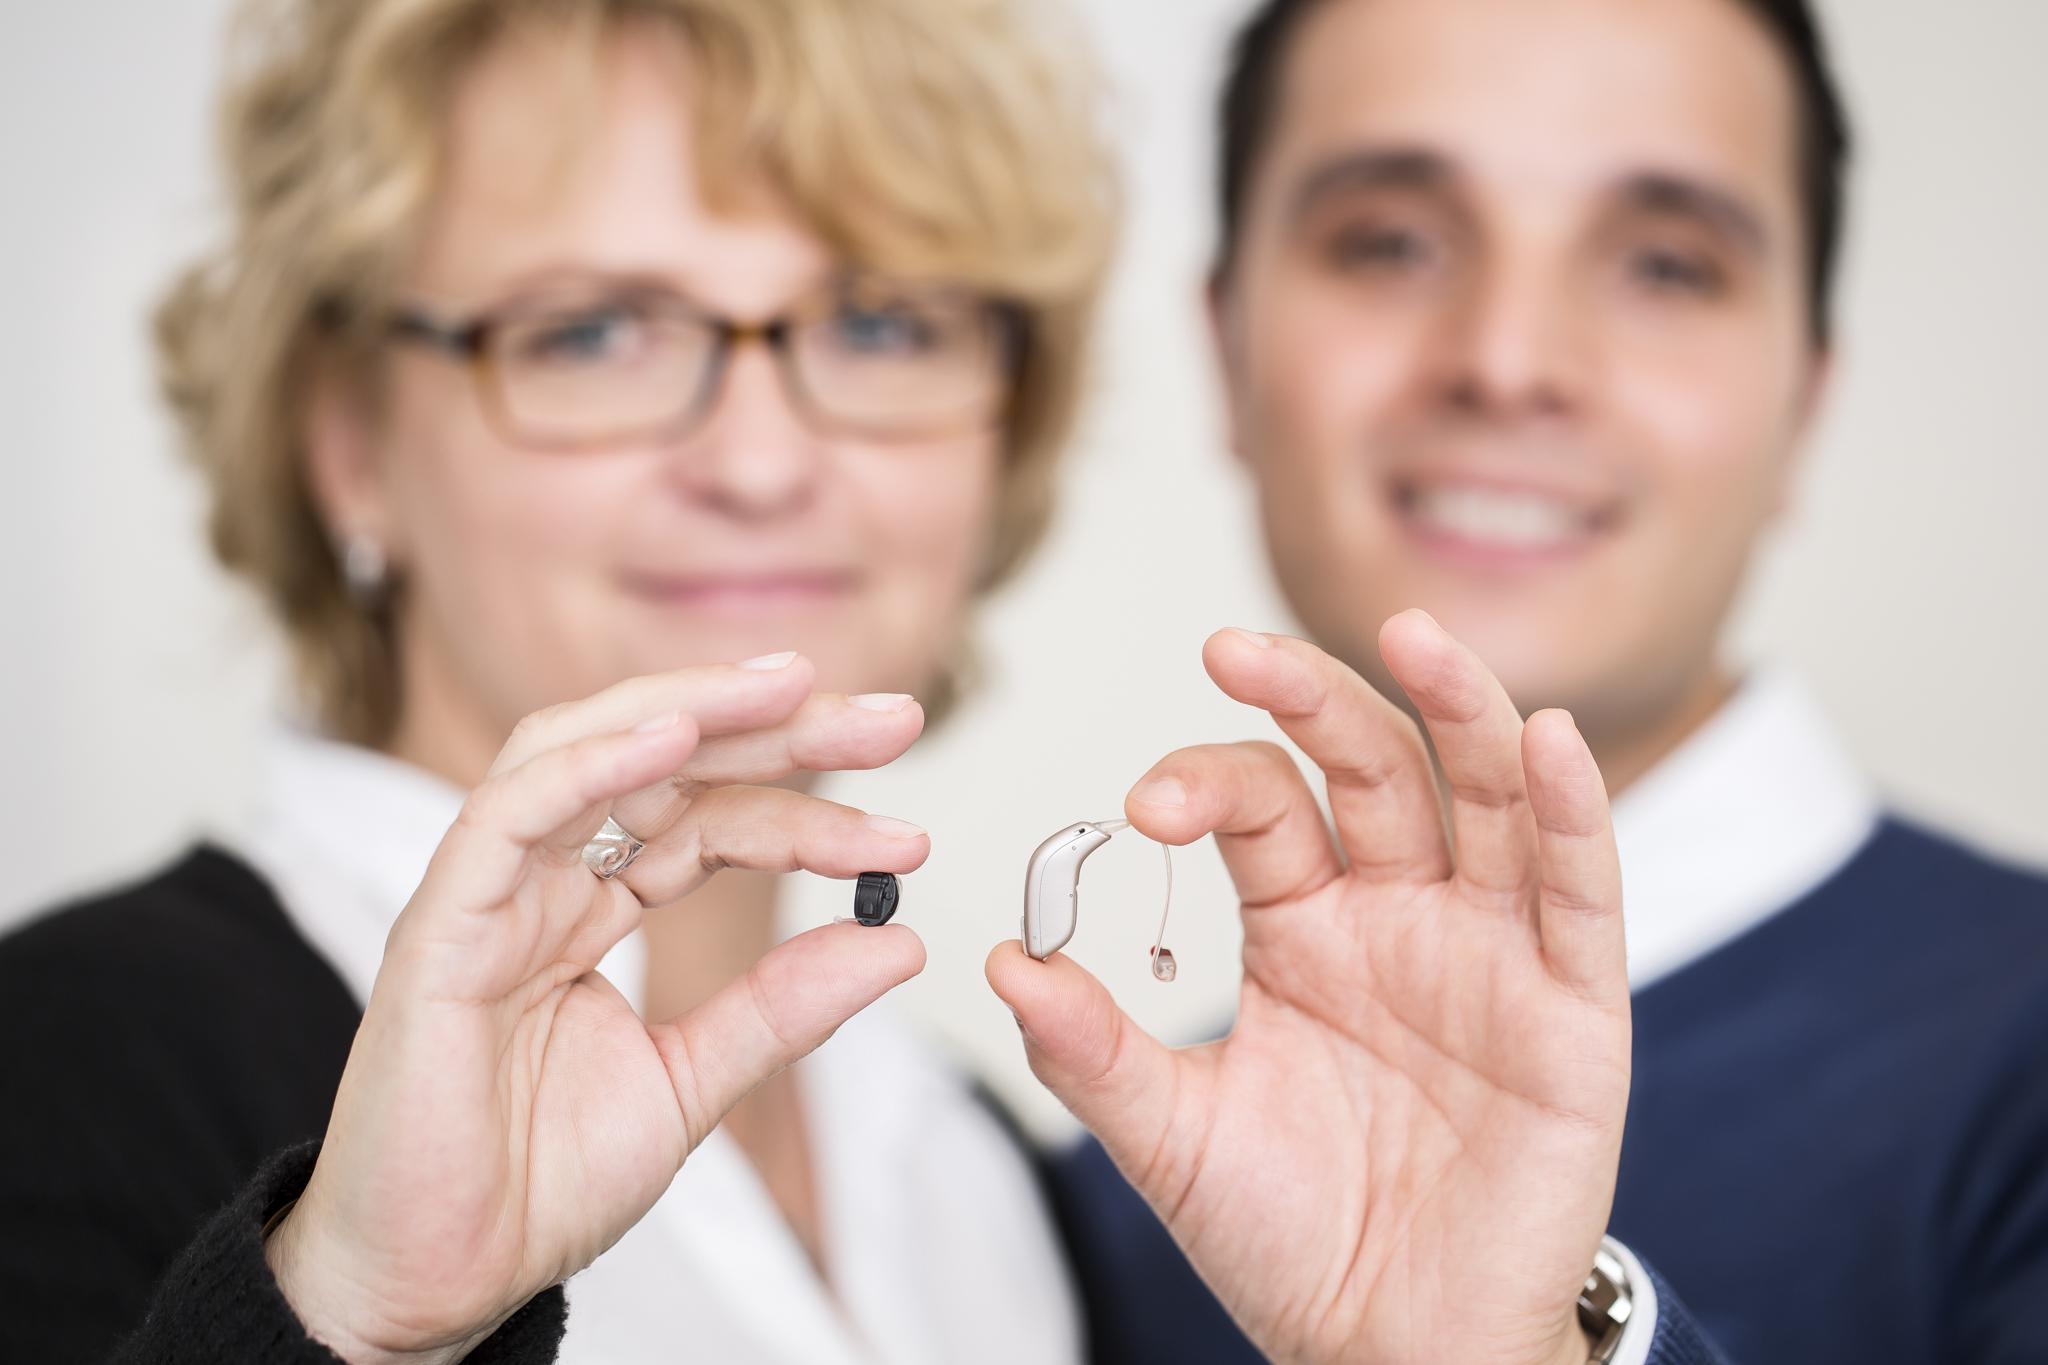 Akustiker zeigen kleines IdO- und HdO-Hörgerät